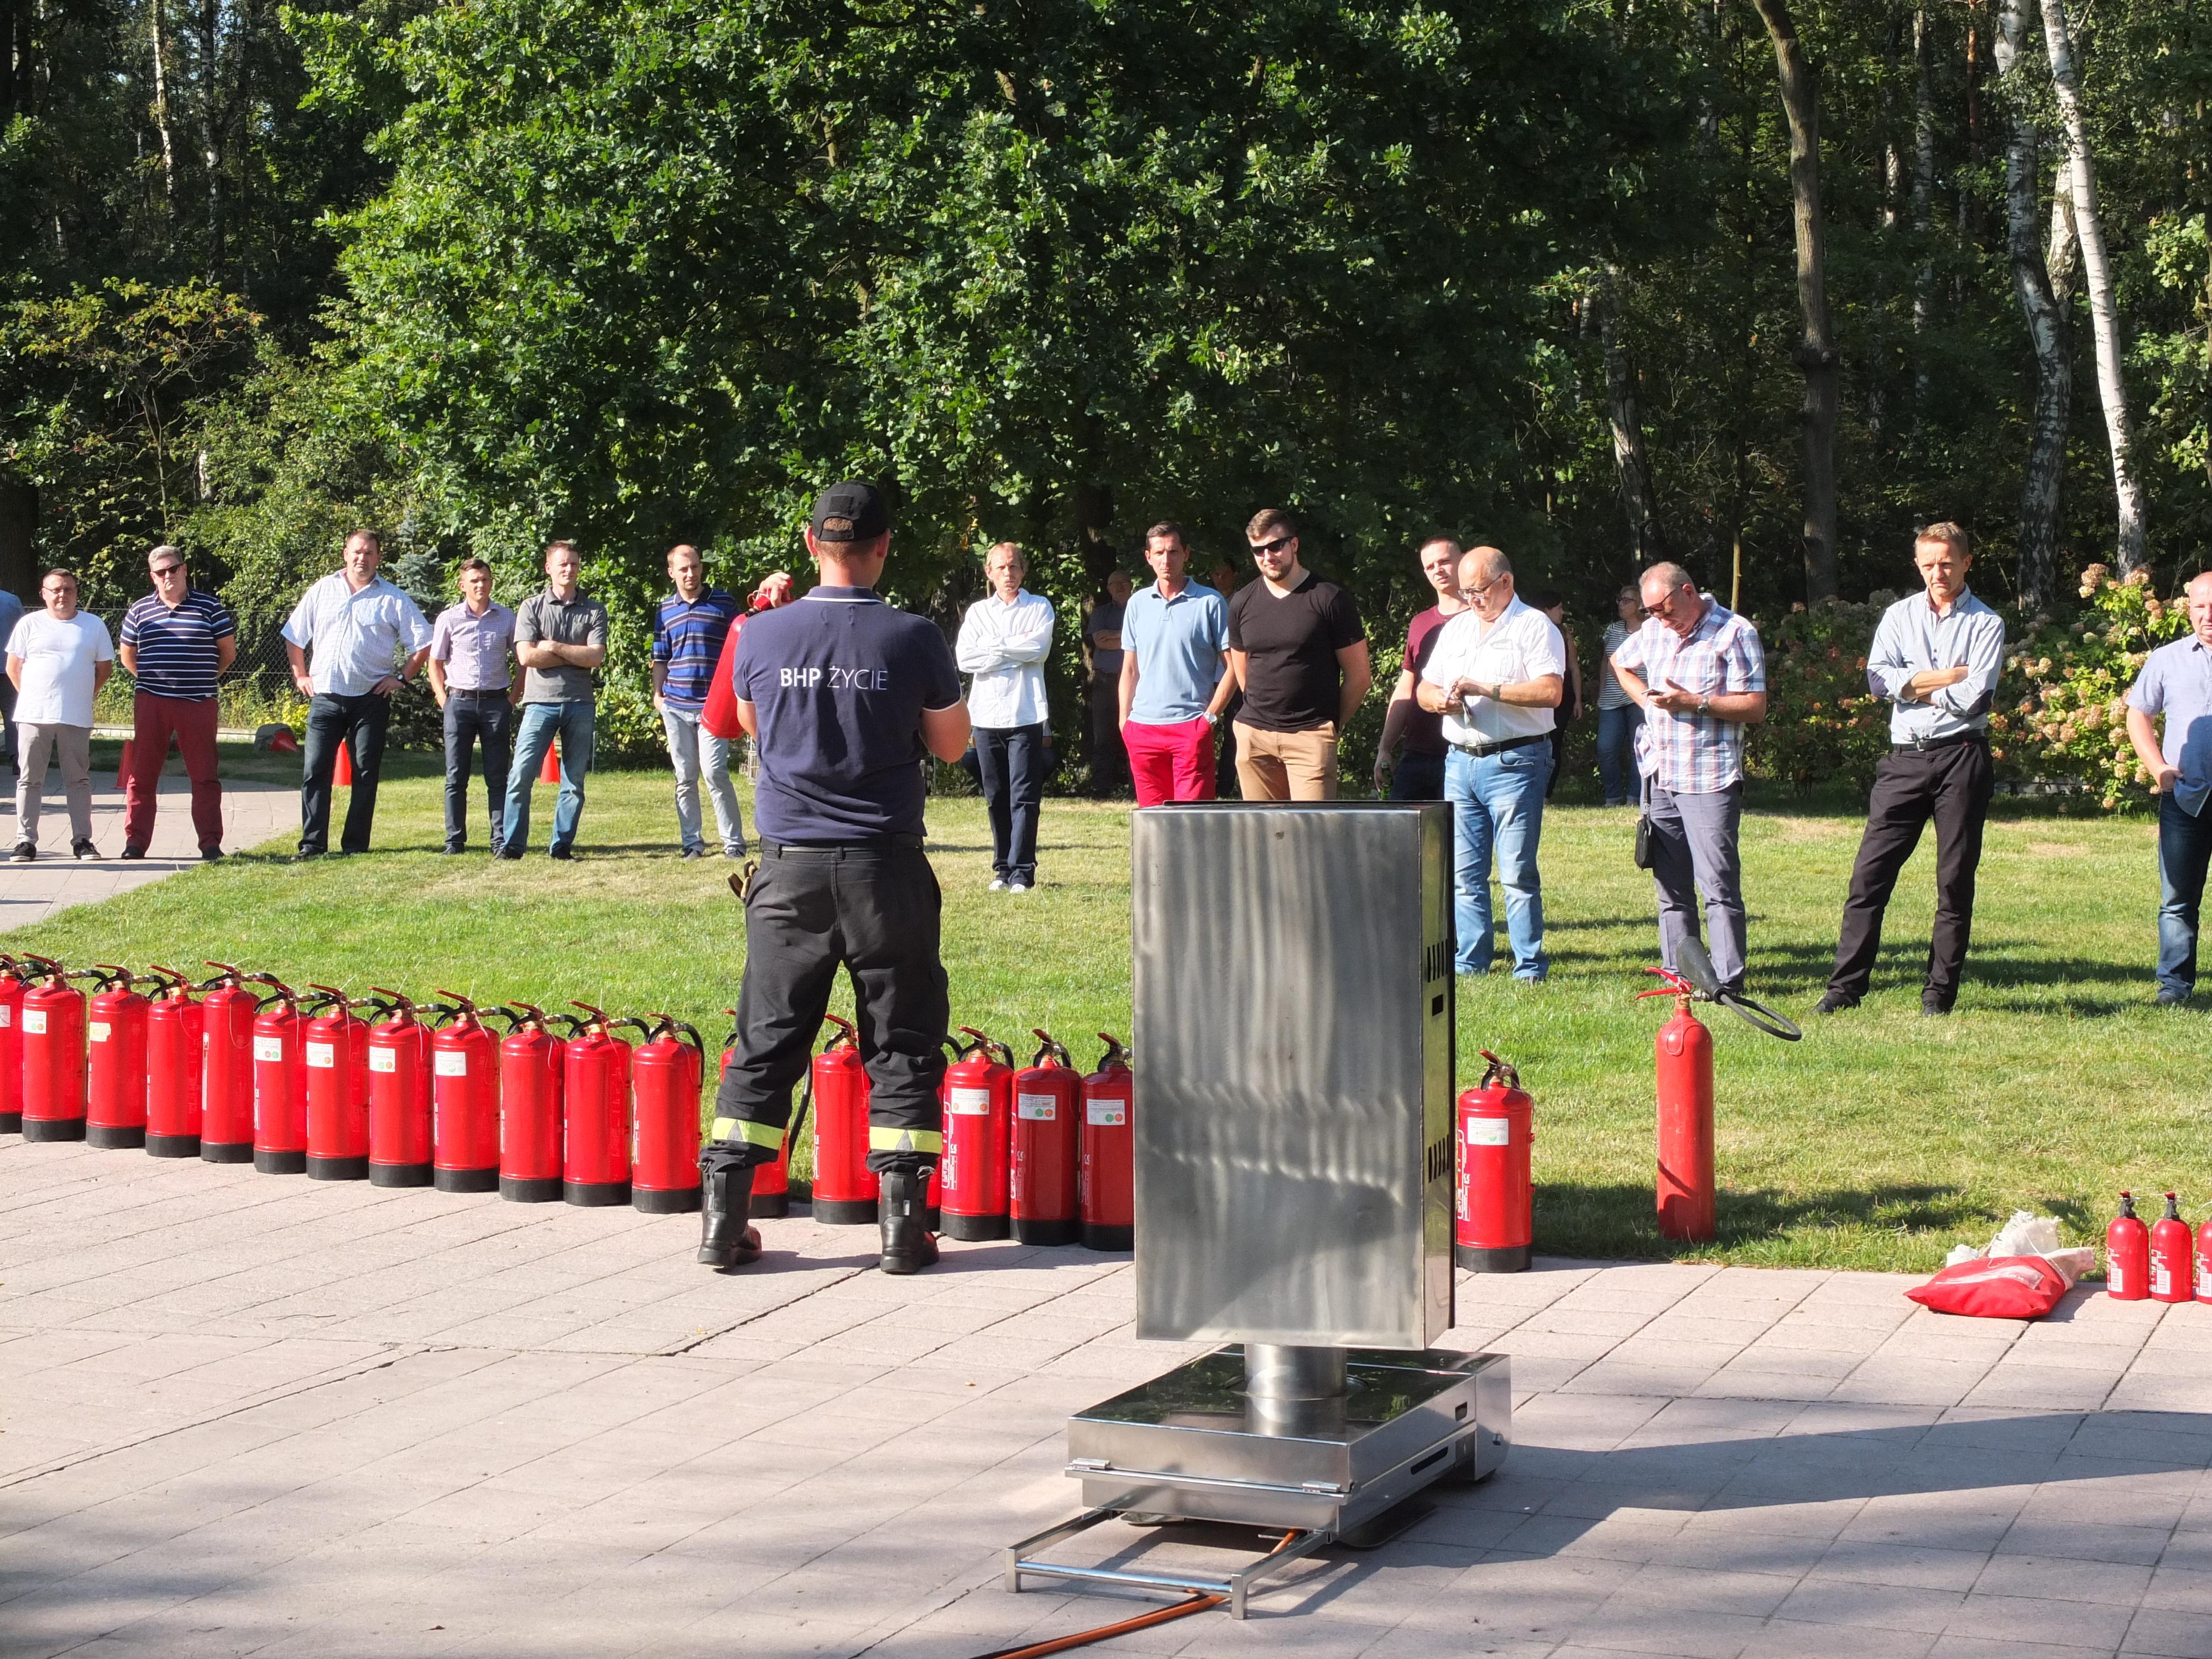 Szkolenie ppoż dla osób wyznaczonych do ewakuacji